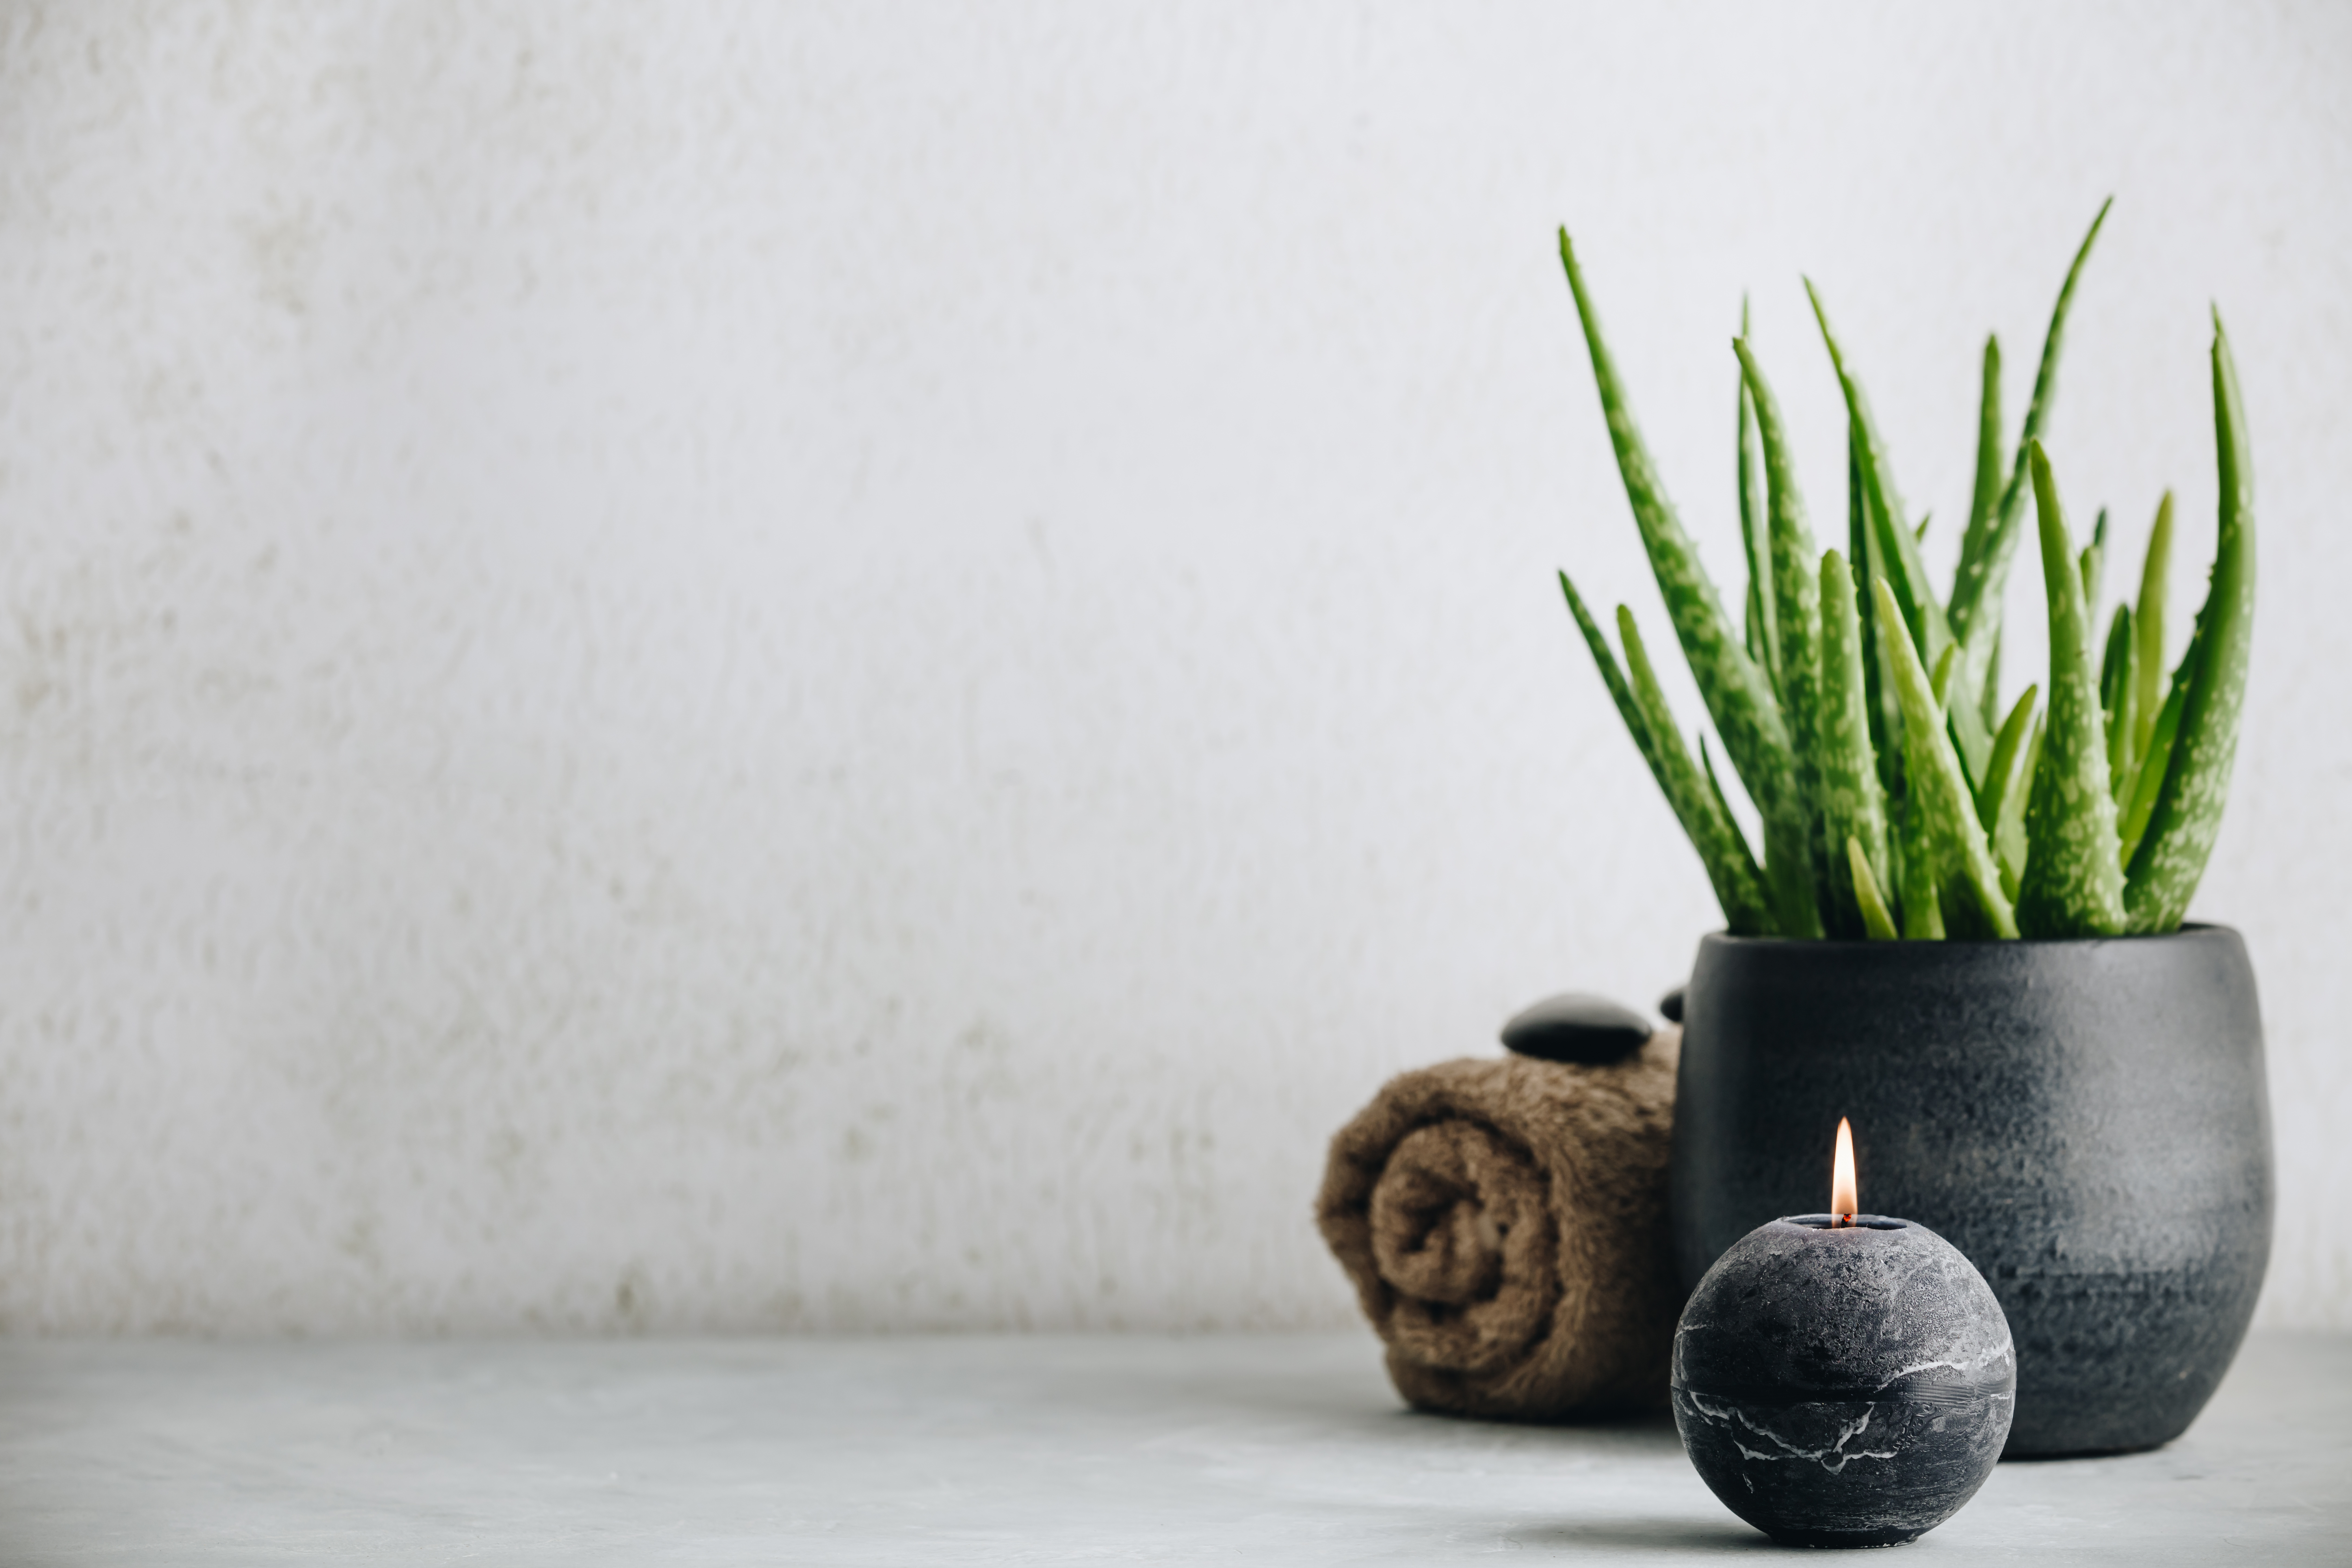 Ayurvedische Kräuter: 4 Heilpflanzen, die Du selber anbauen kannst